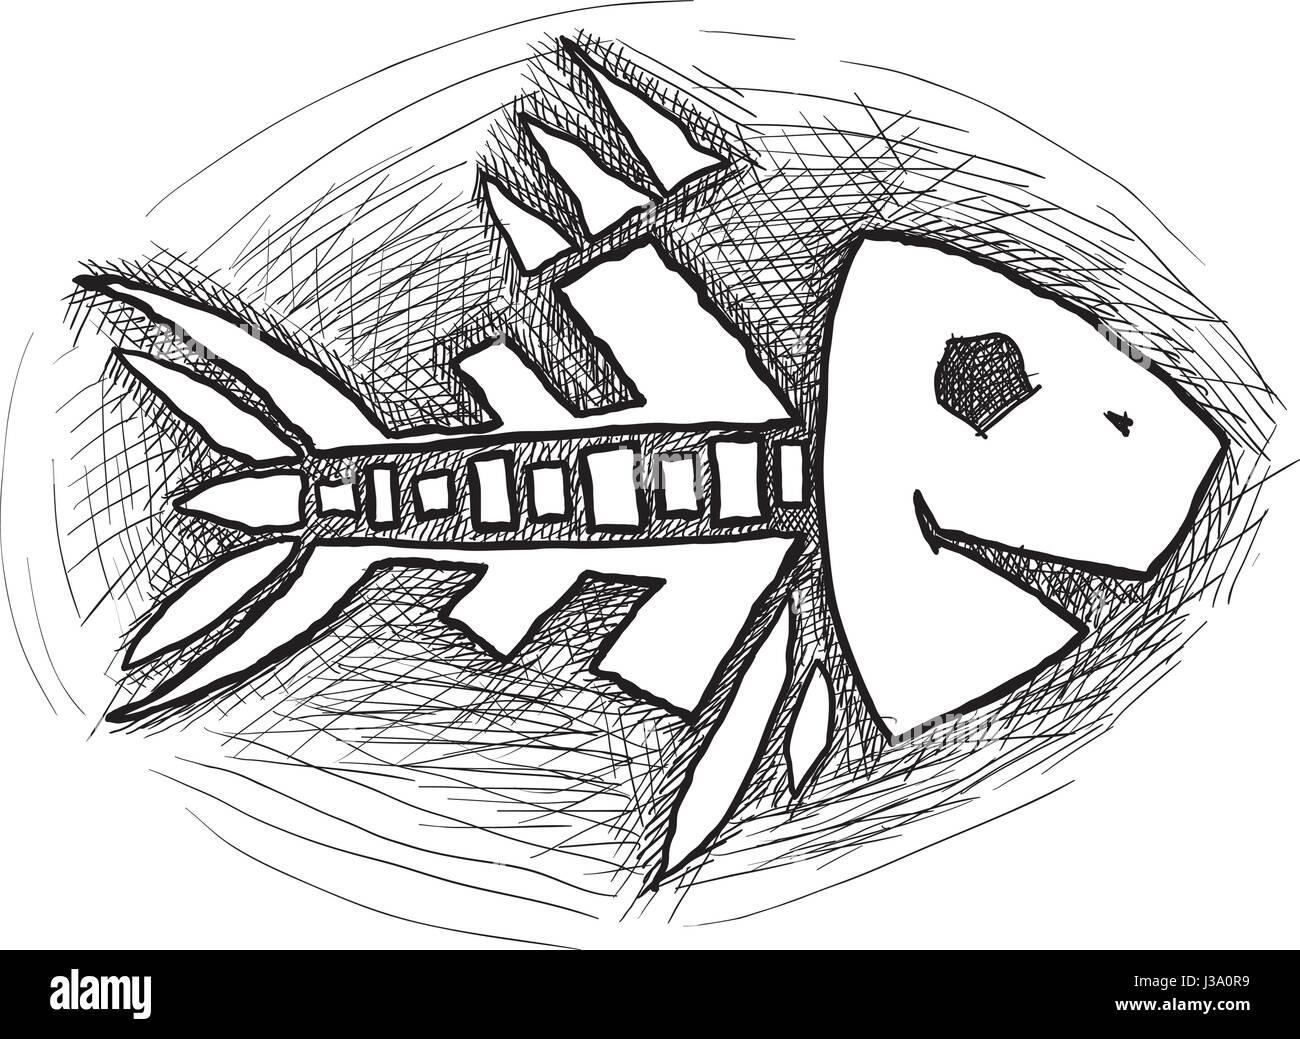 schwarzen Fischgräte Vektor Abbildung - Bild: 139747085 - Alamy